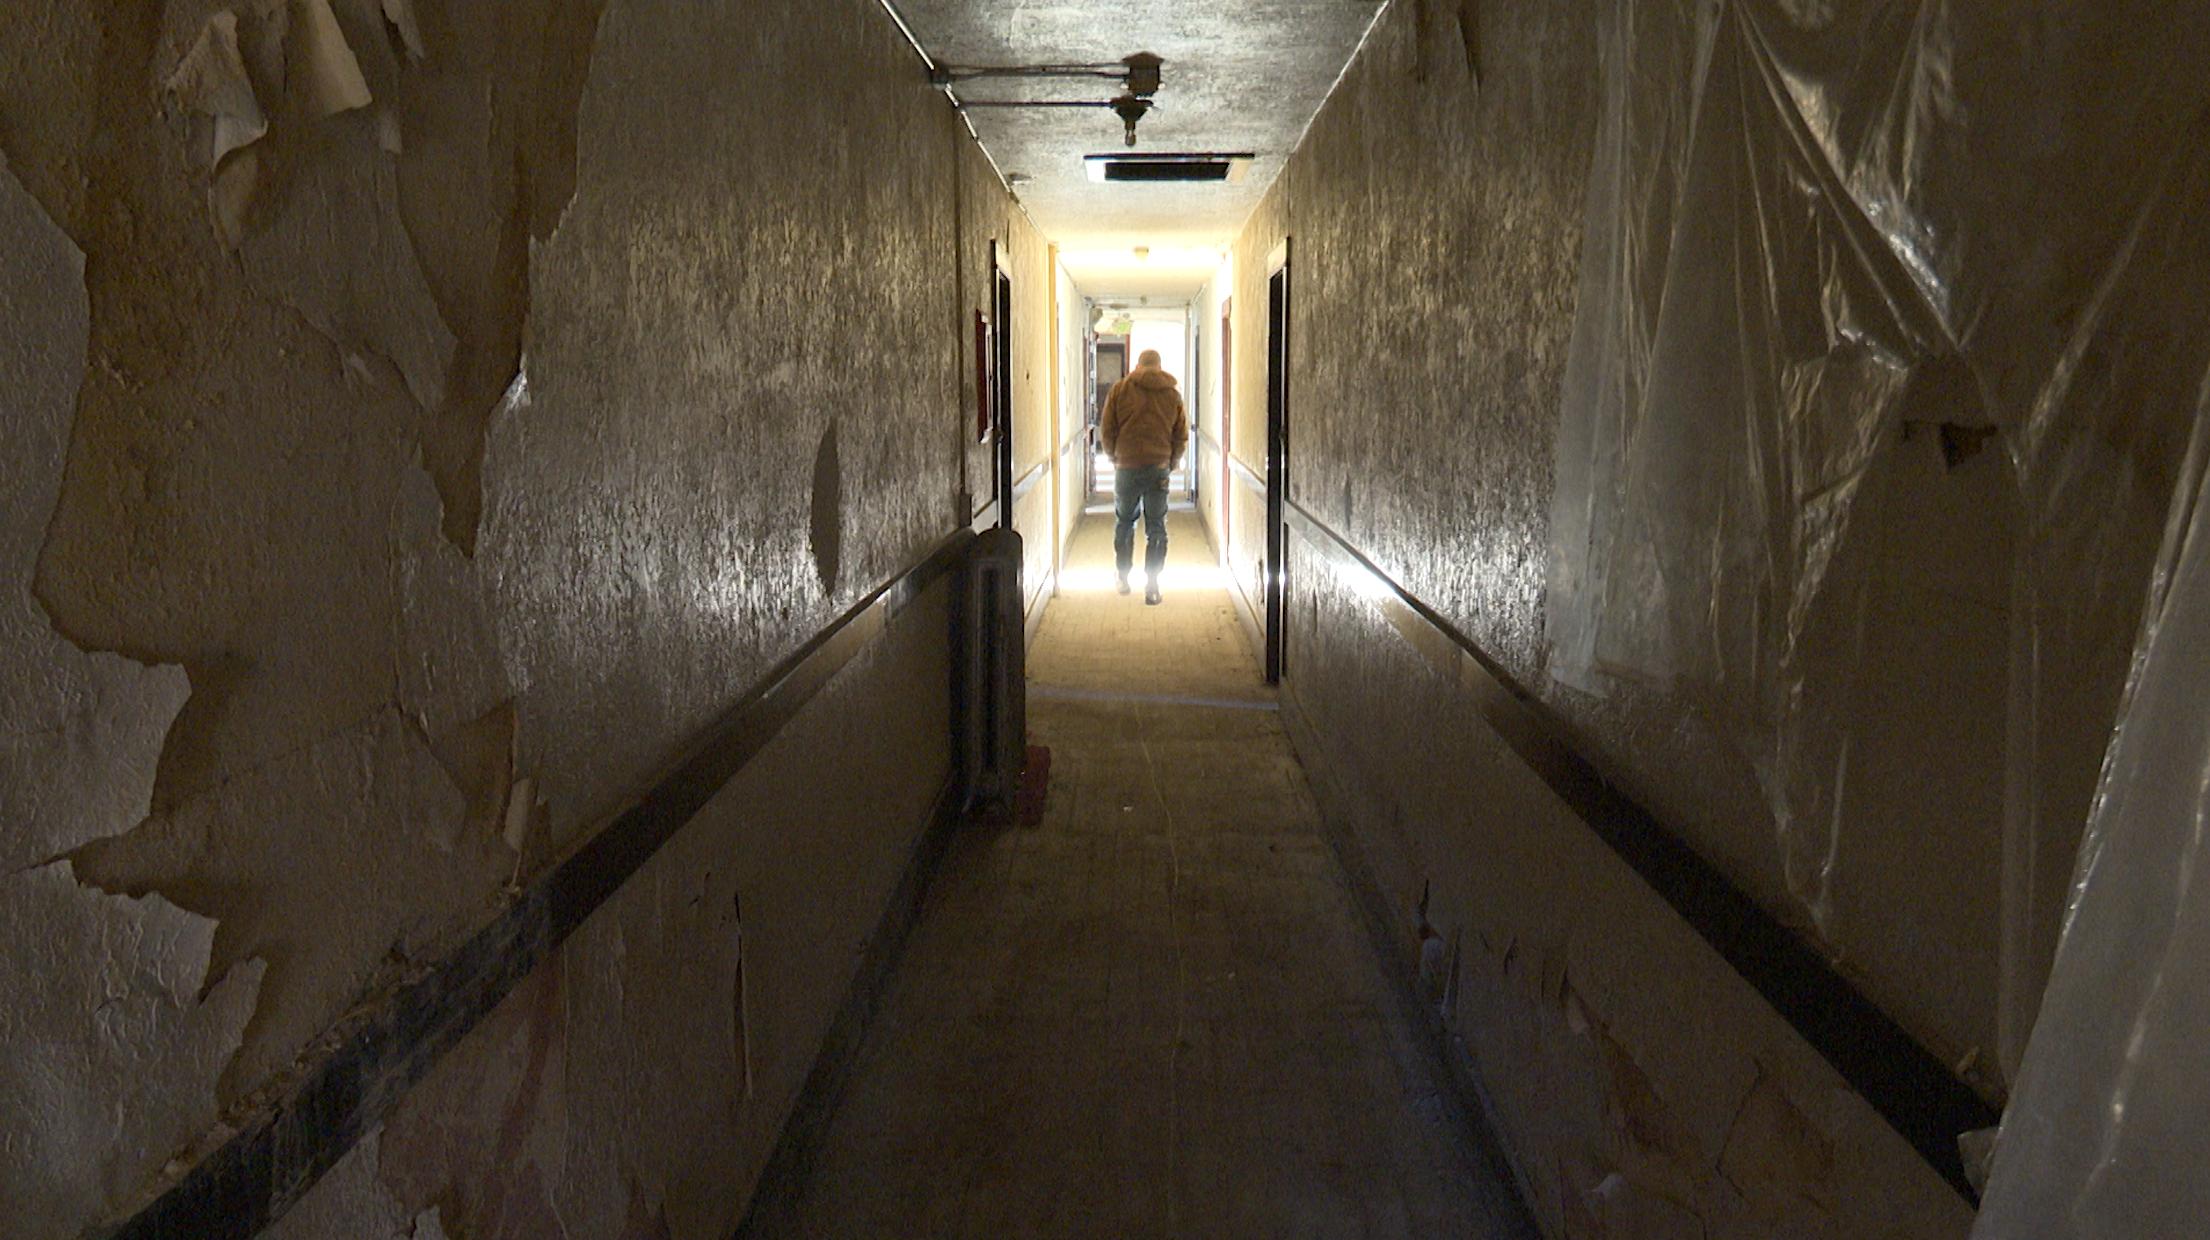 Inside 729 W Center St.